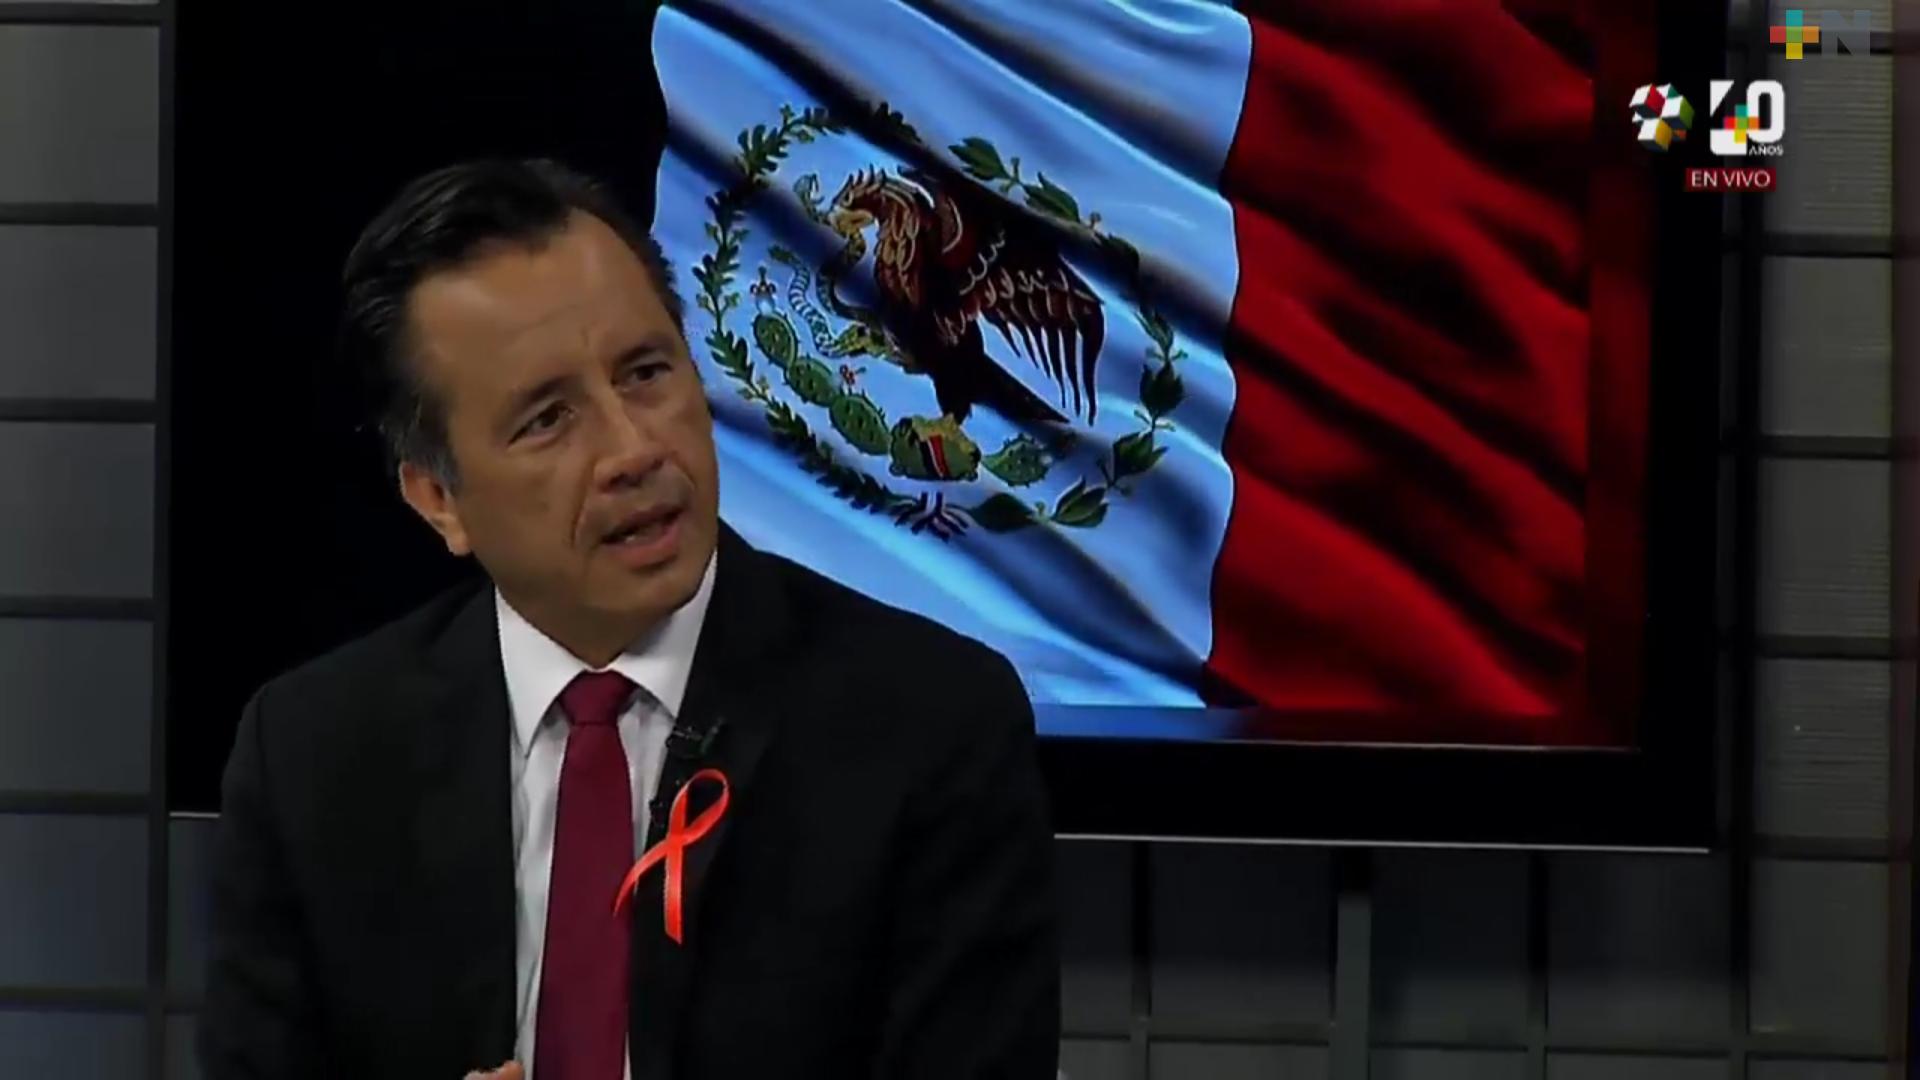 Saludable que el Presidente corrobore personalmente aplicación del programa Bienestar en Veracruz: Cuitláhuac García